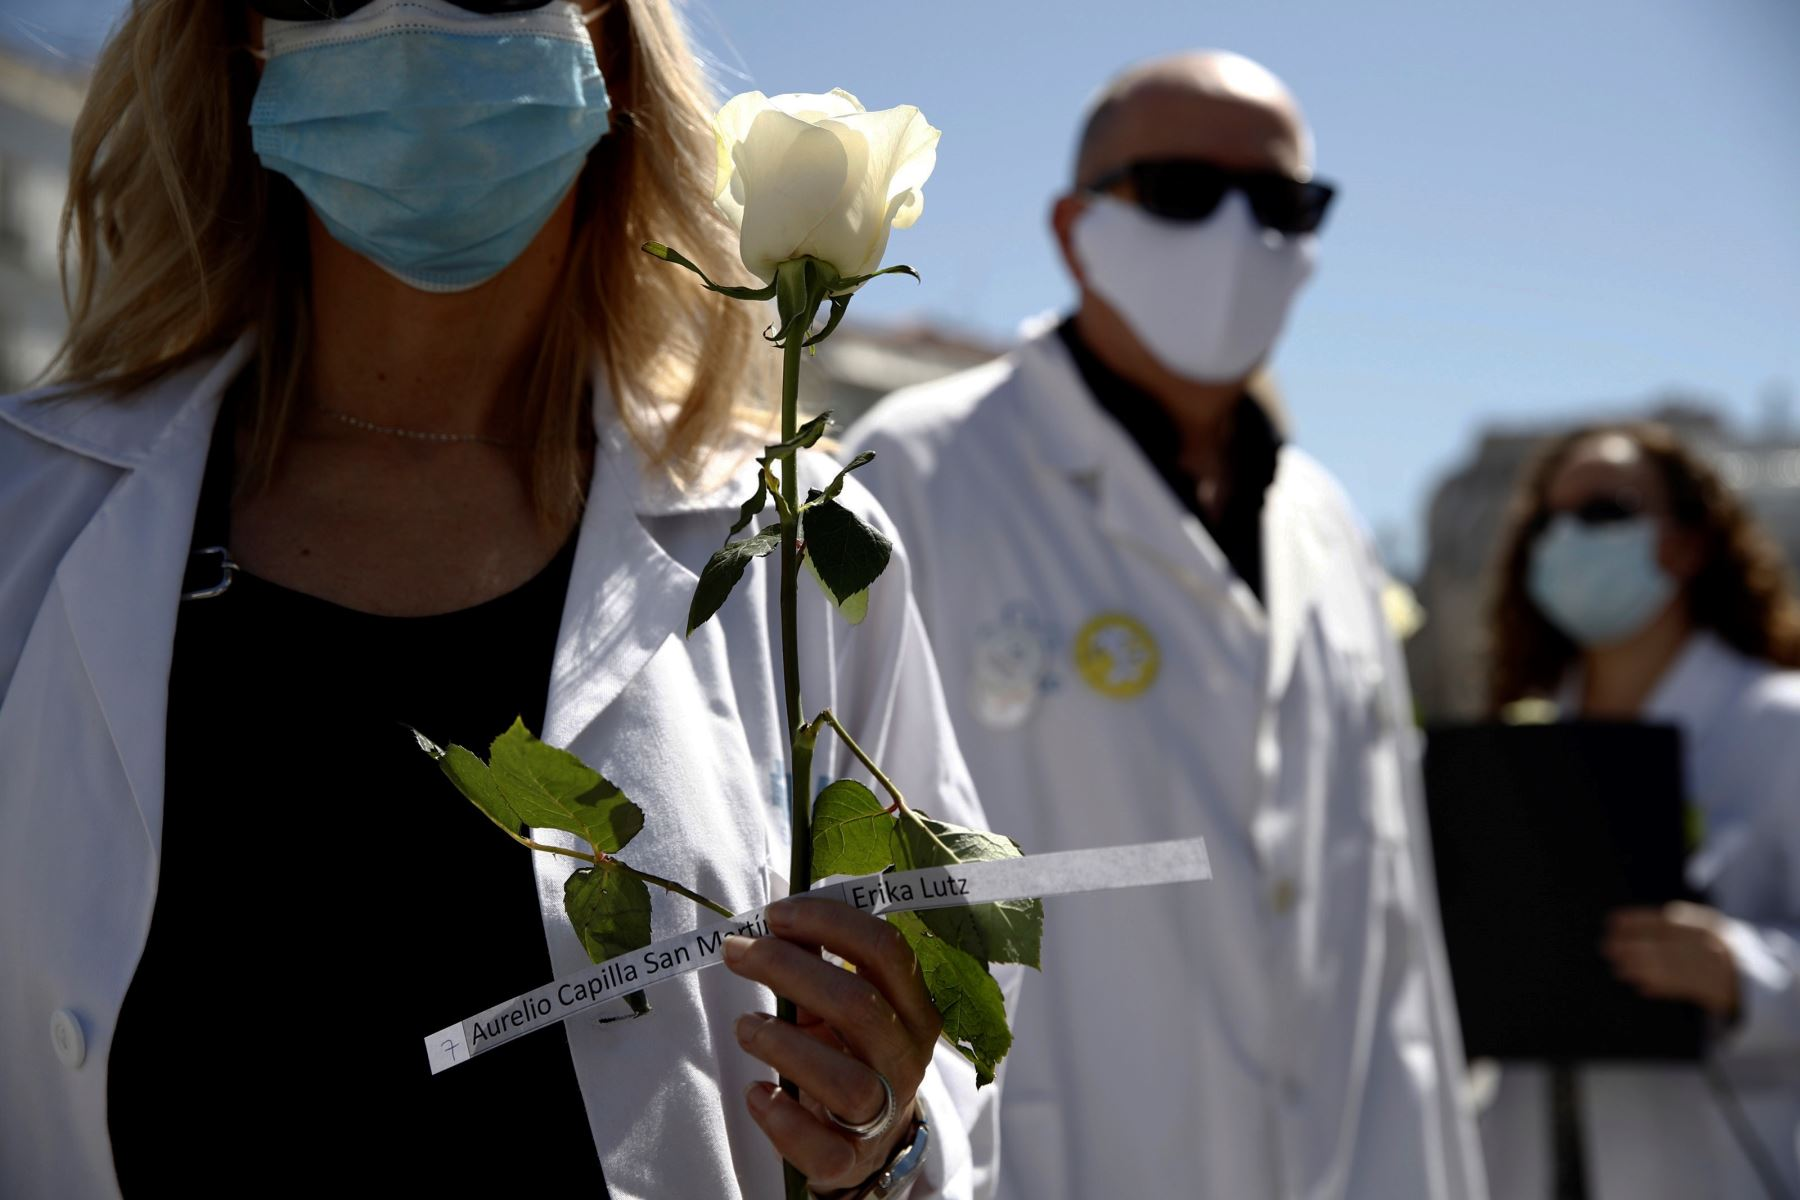 Coronavirus: Los médicos madrileños se plantan ante la falta de recursos | Noticias